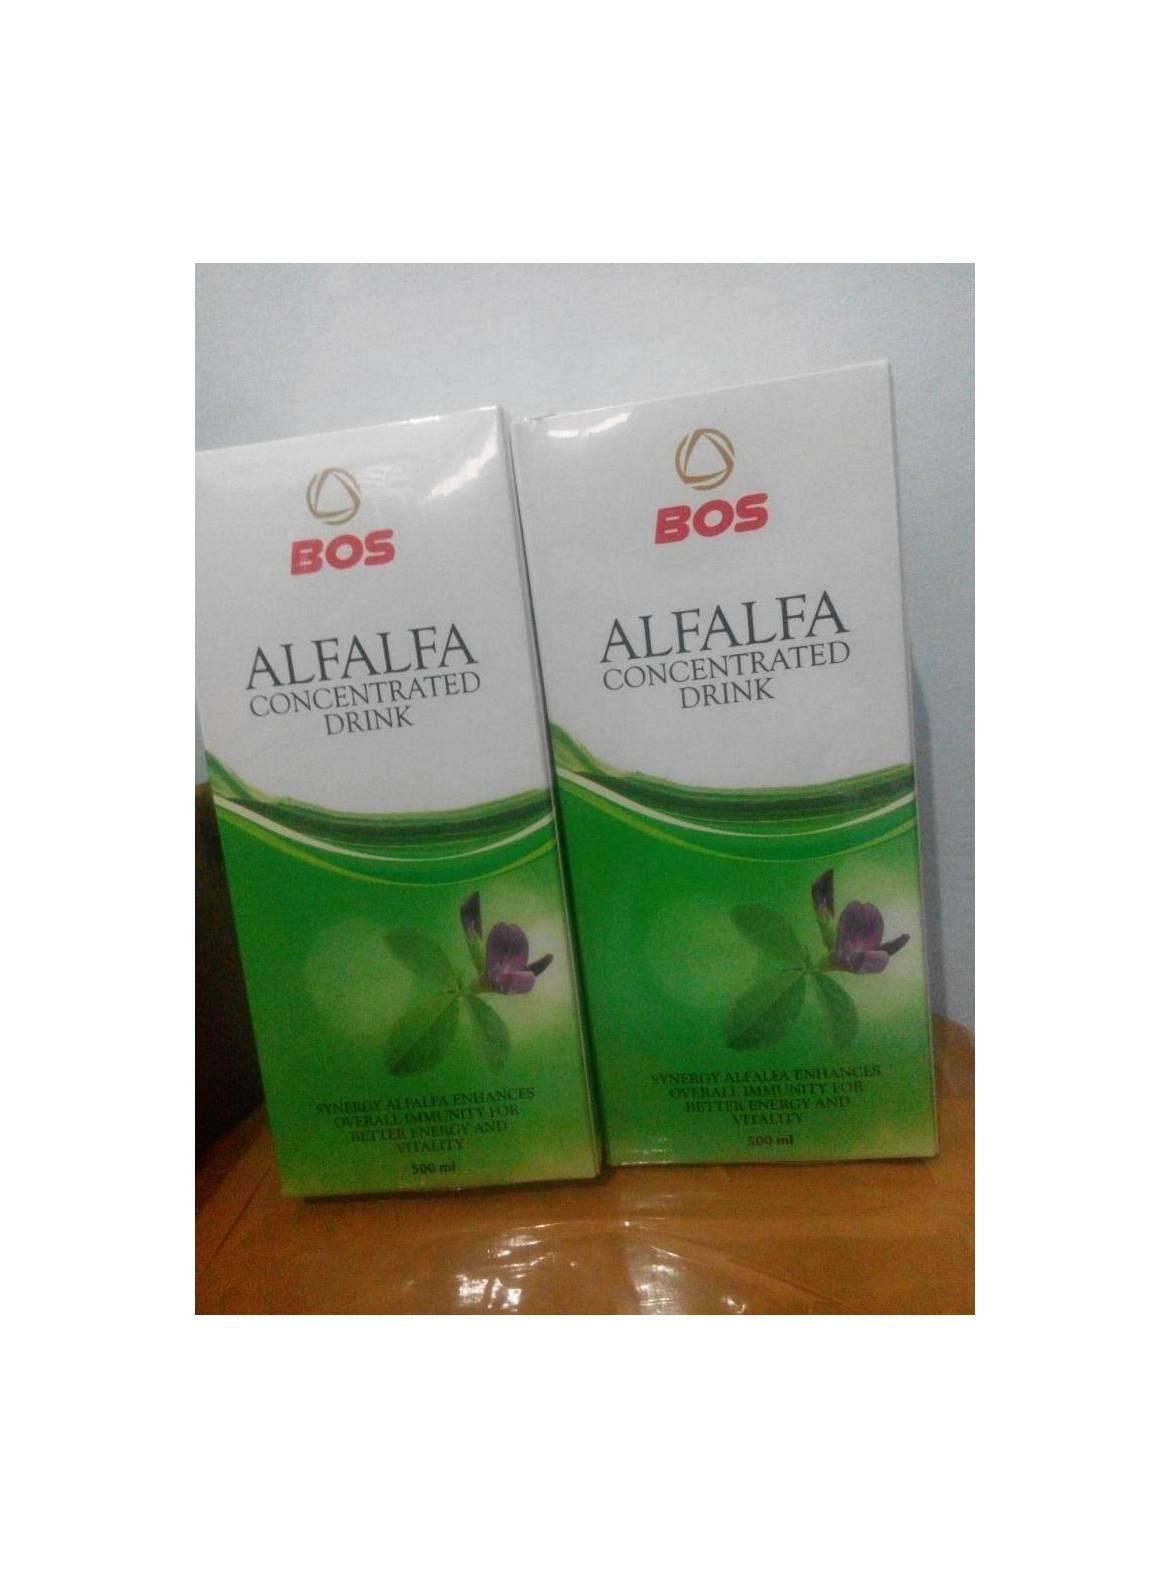 Sea Quill Alfalfa Daftar Harga Terbaru Dan Terlengkap Indonesia Sedafit Relafit 50s Suplemen Pencernaan Mengurangi Gas Lambungidr335000 Rp 336000